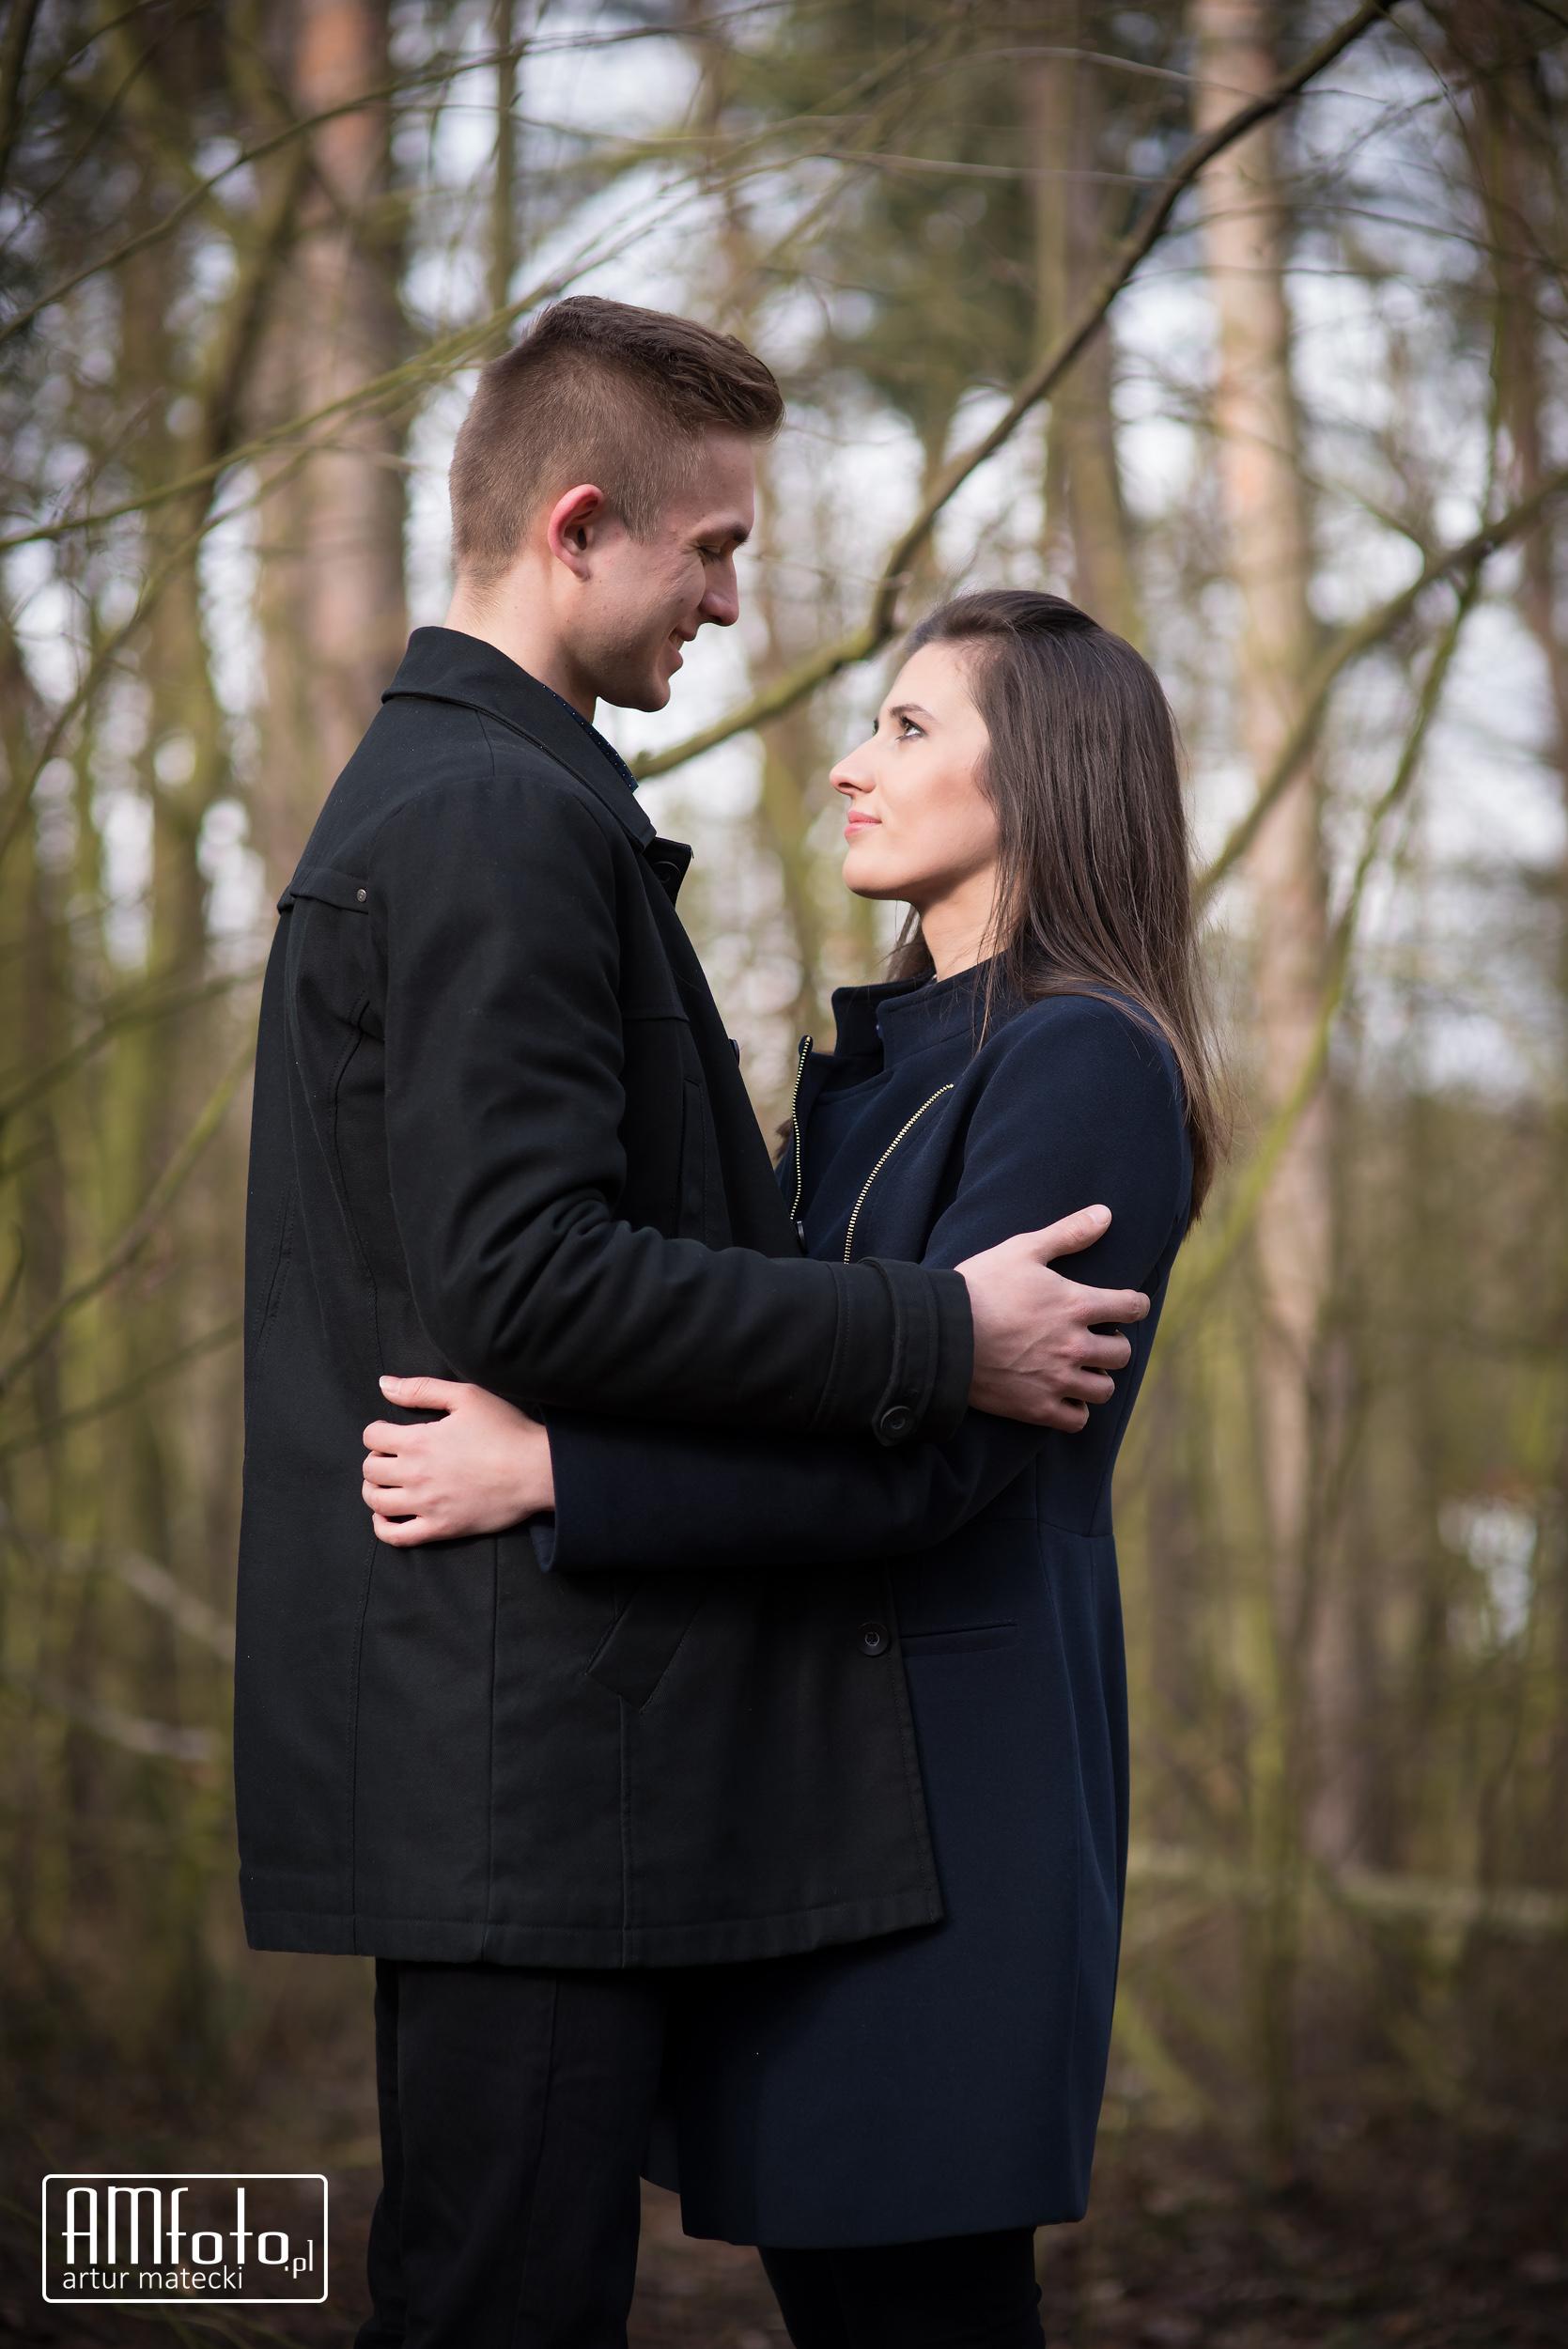 Patrycja&Kamil_sesja_narzeczenska_www_amfoto_pl-300003.jpg